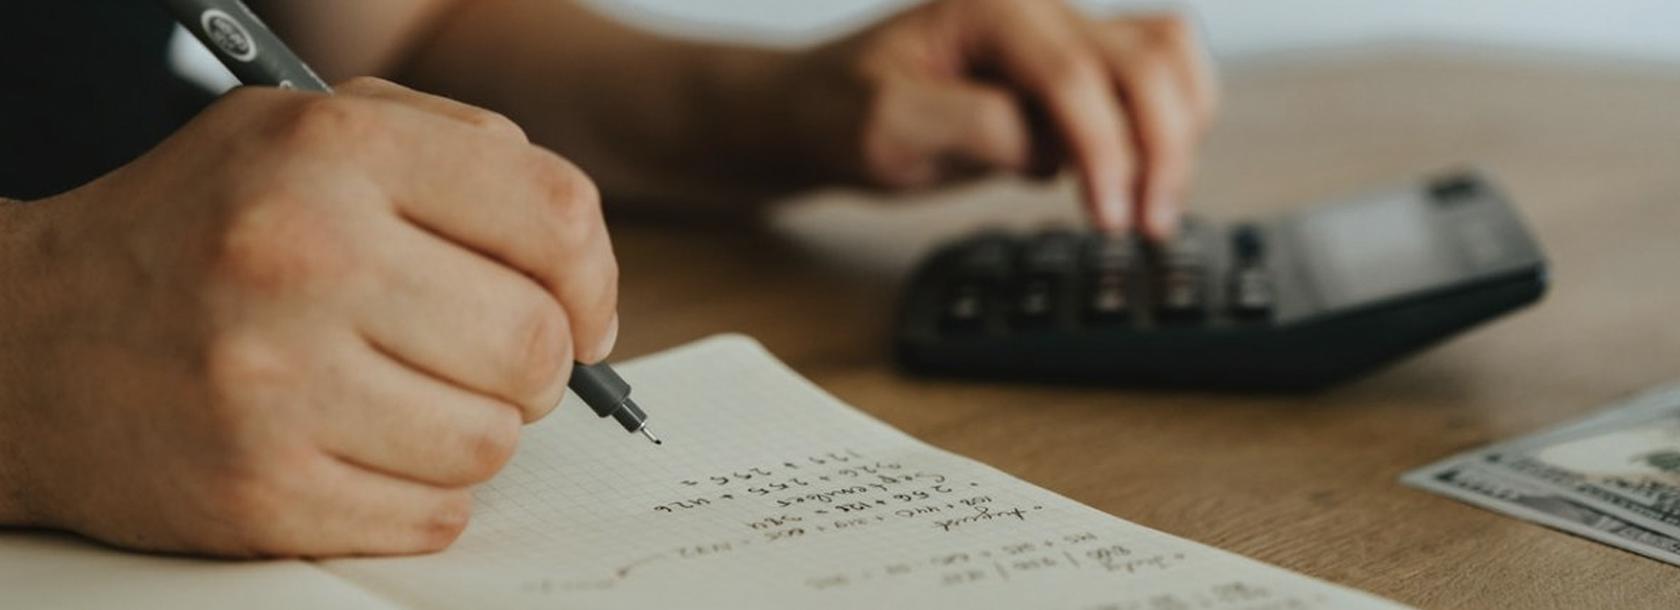 Cómo calcular el reajuste de un arriendo: lo que debes saber